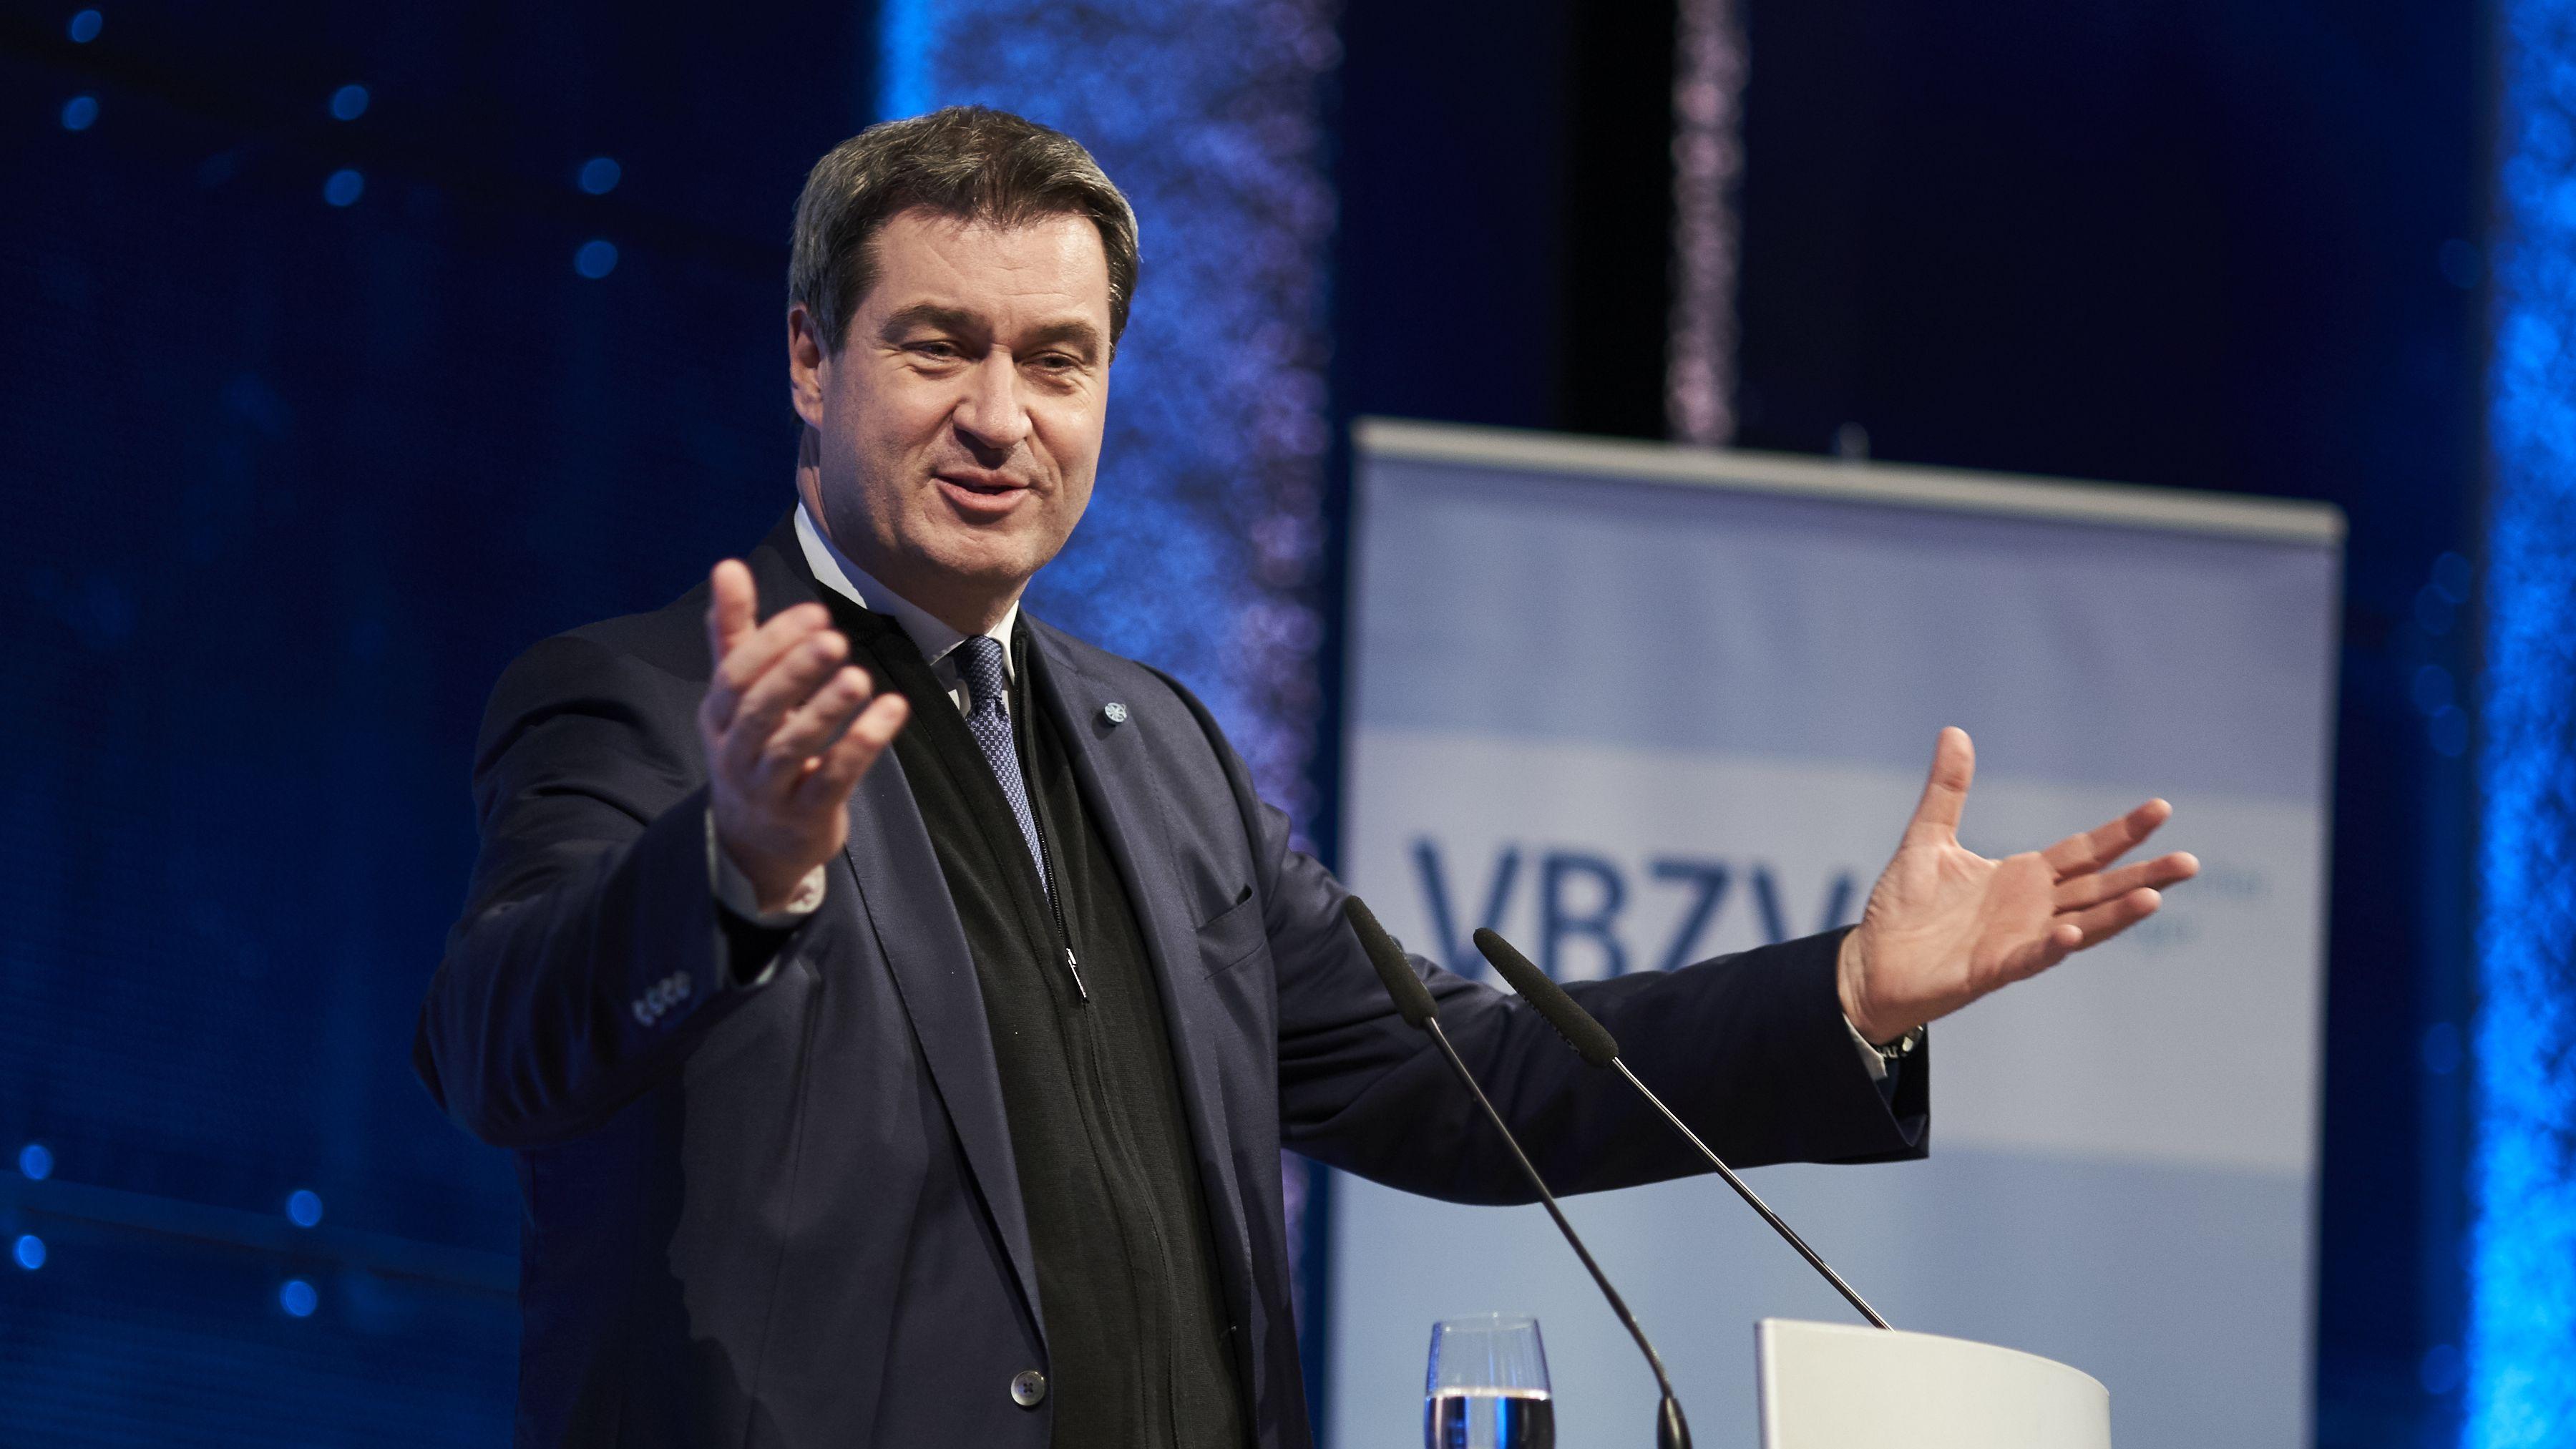 Vorstoß von Markus Söder: Bayern will nationale Medienplattformen fördern